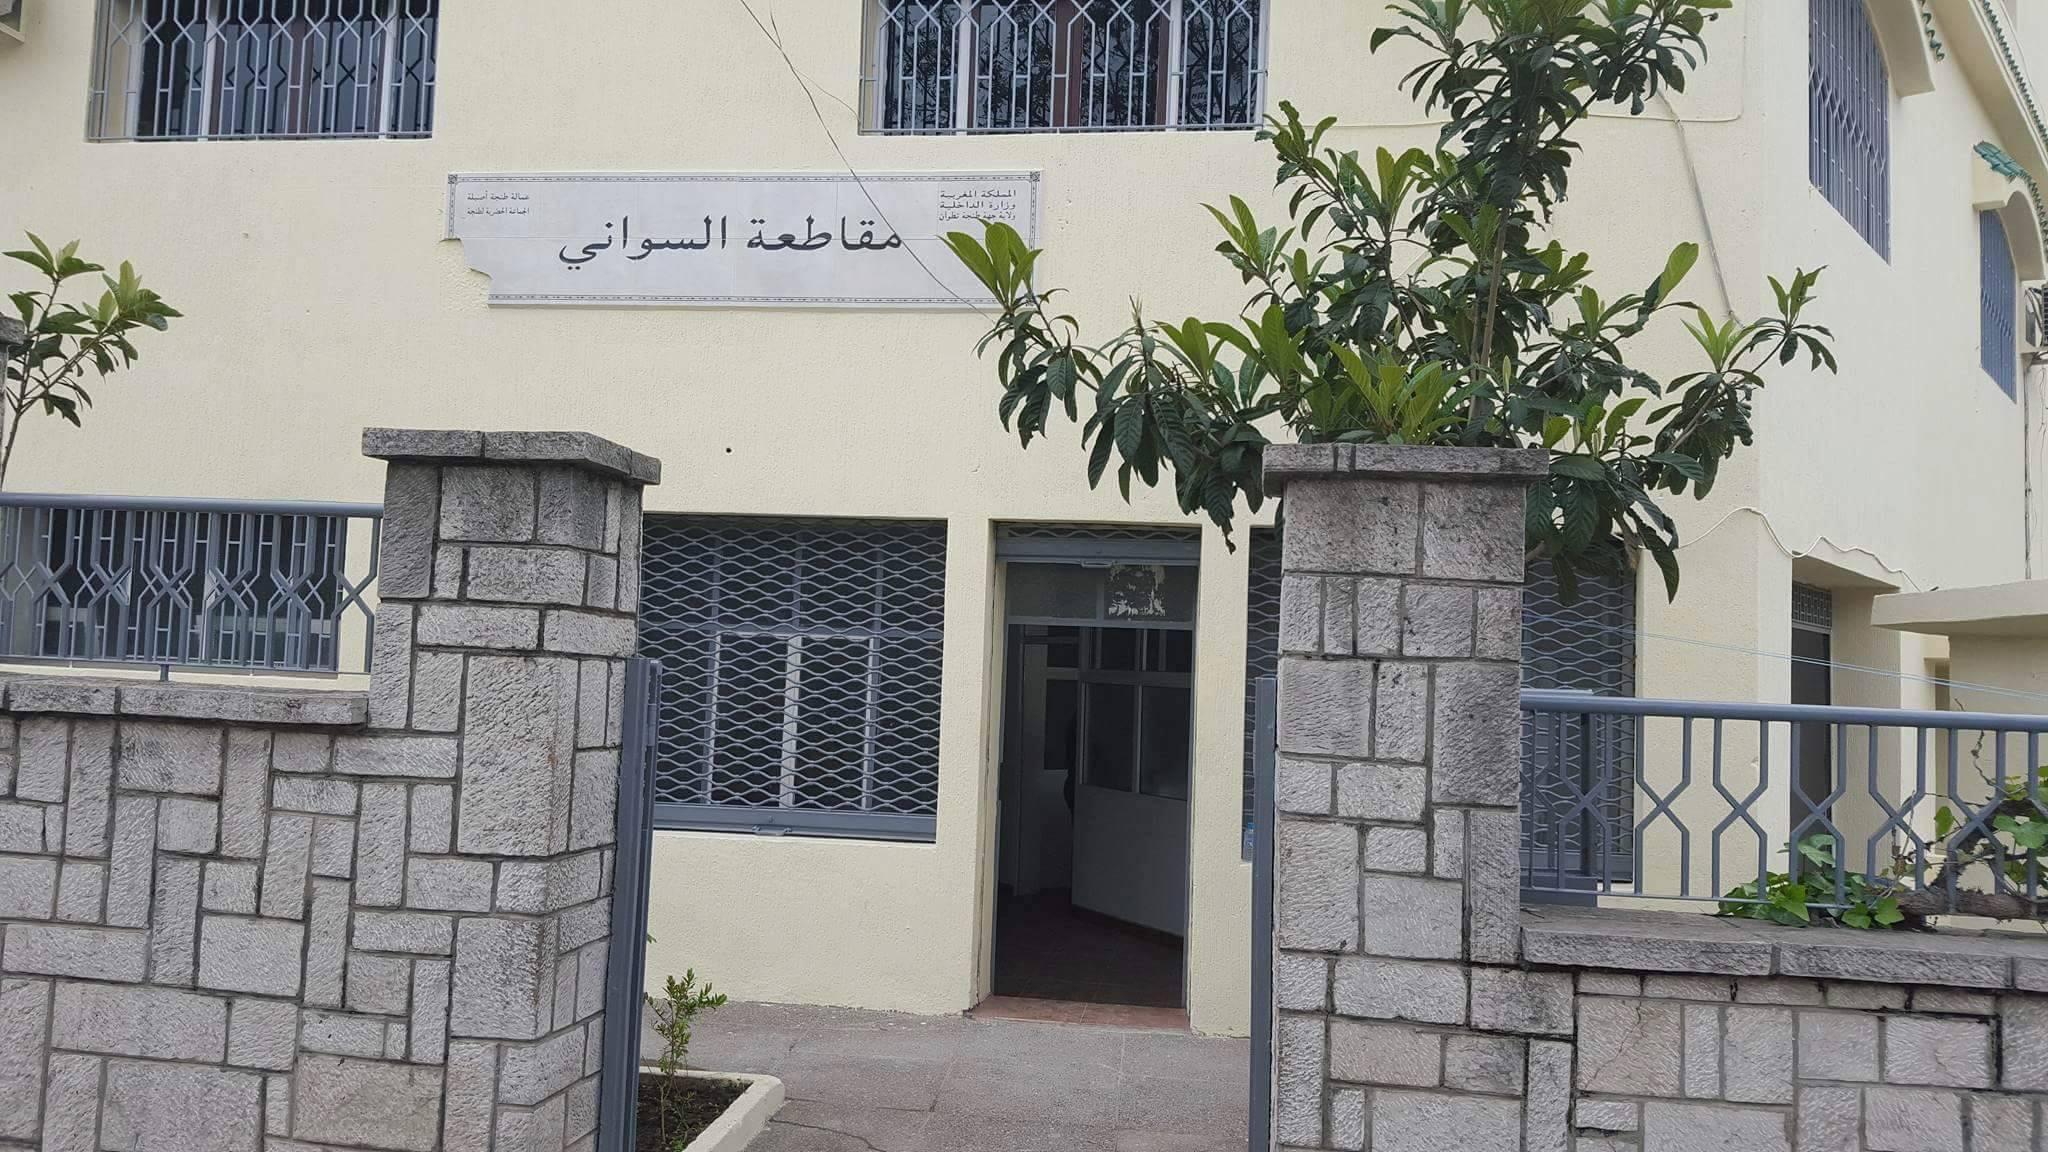 رئيس مقاطعة السواني يترامى على اختصاصات المجلس الجماعي لطنجة